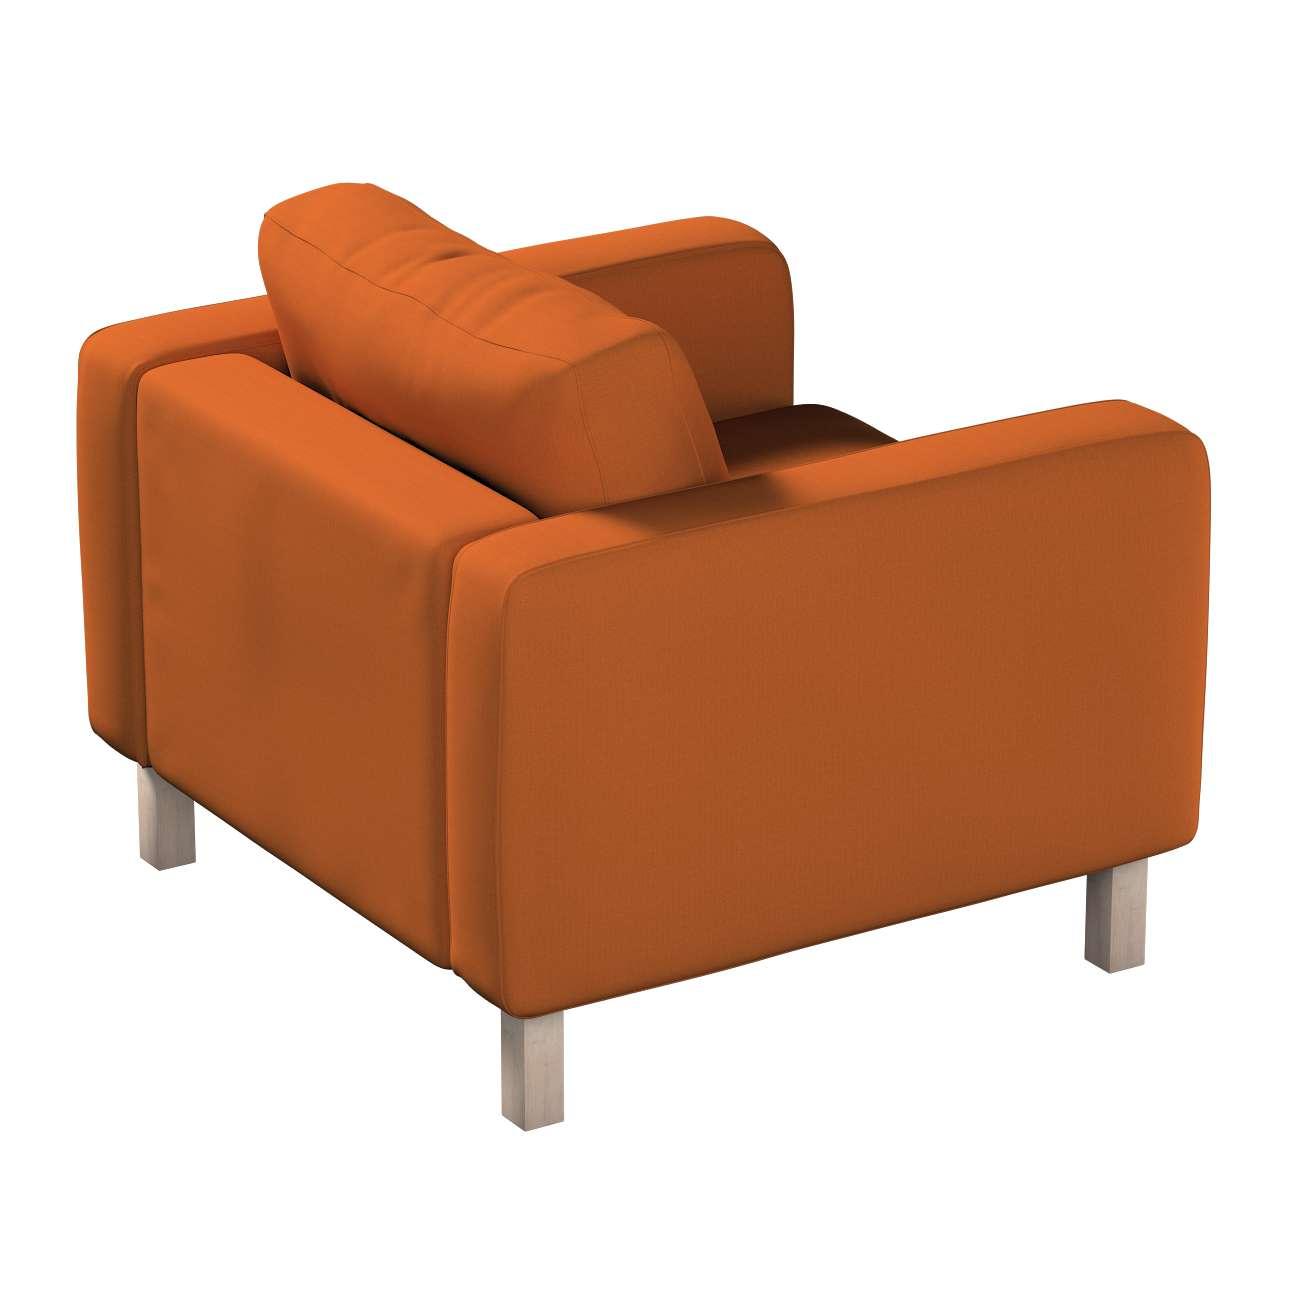 Pokrowiec na fotel Karlstad, krótki w kolekcji Cotton Panama, tkanina: 702-42